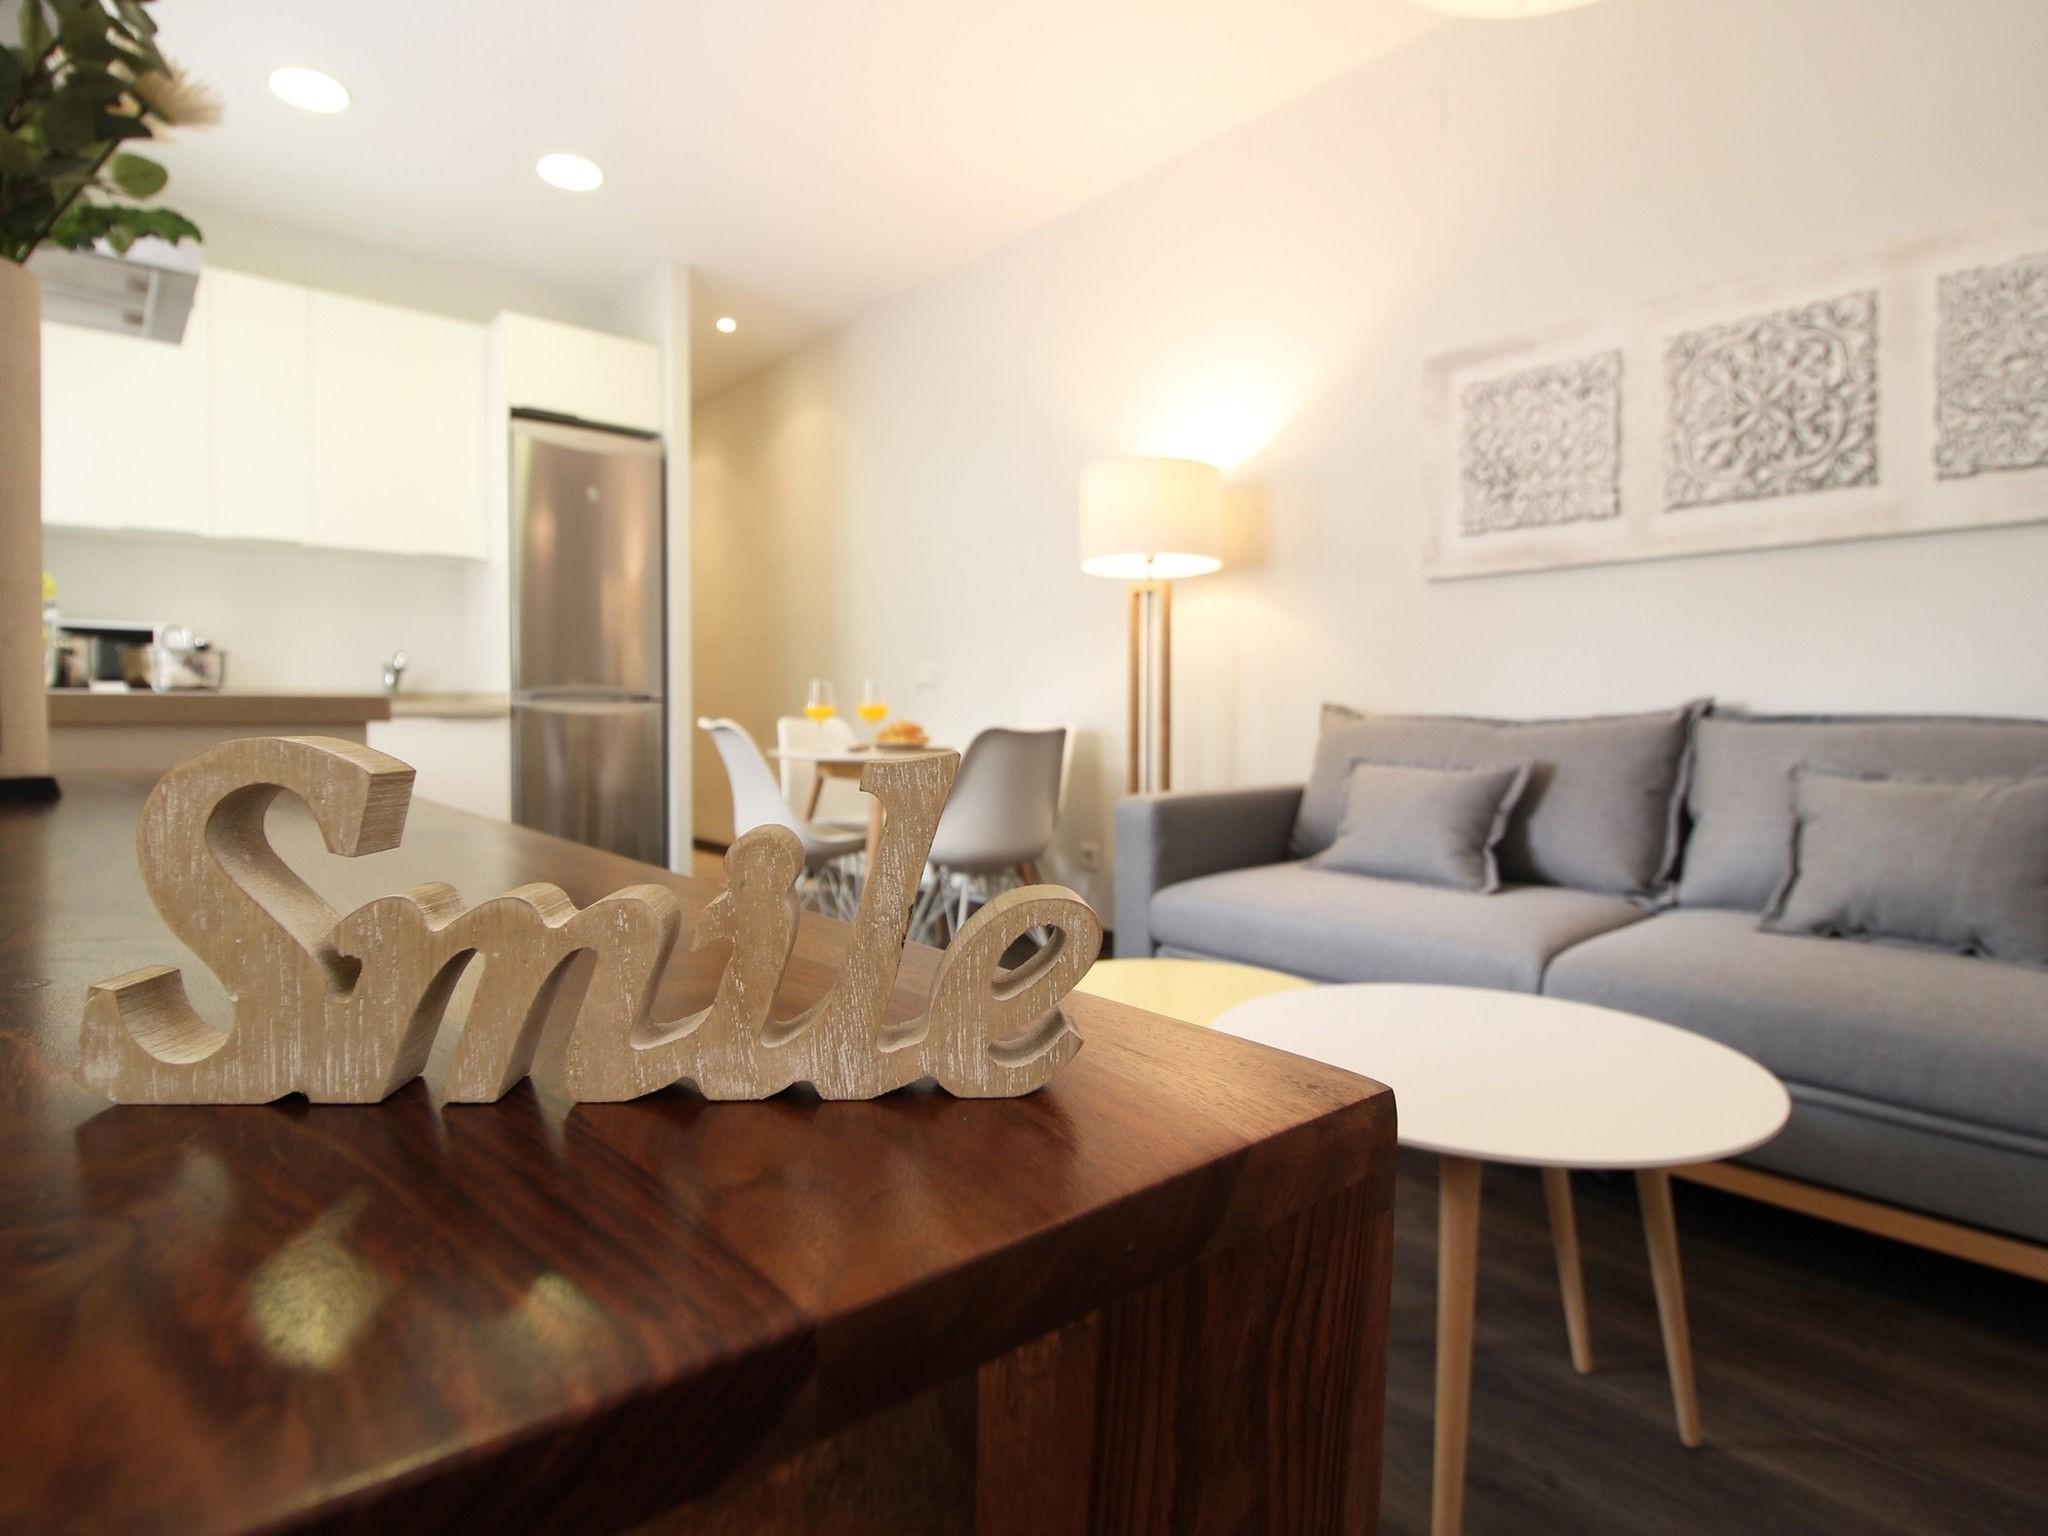 Apartamento en el barrio de Salamanca de Madrid / Fuente: Rentalia